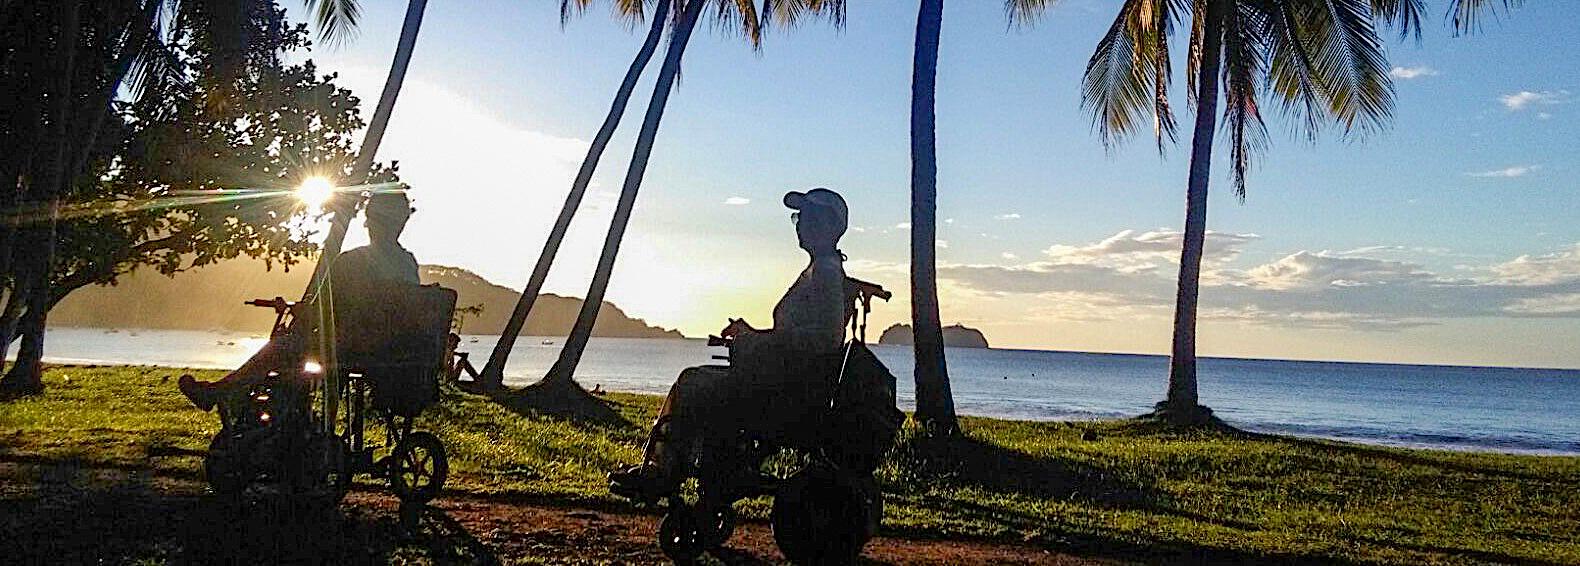 Playa accesible en silla de ruedas para personas con discapacidad